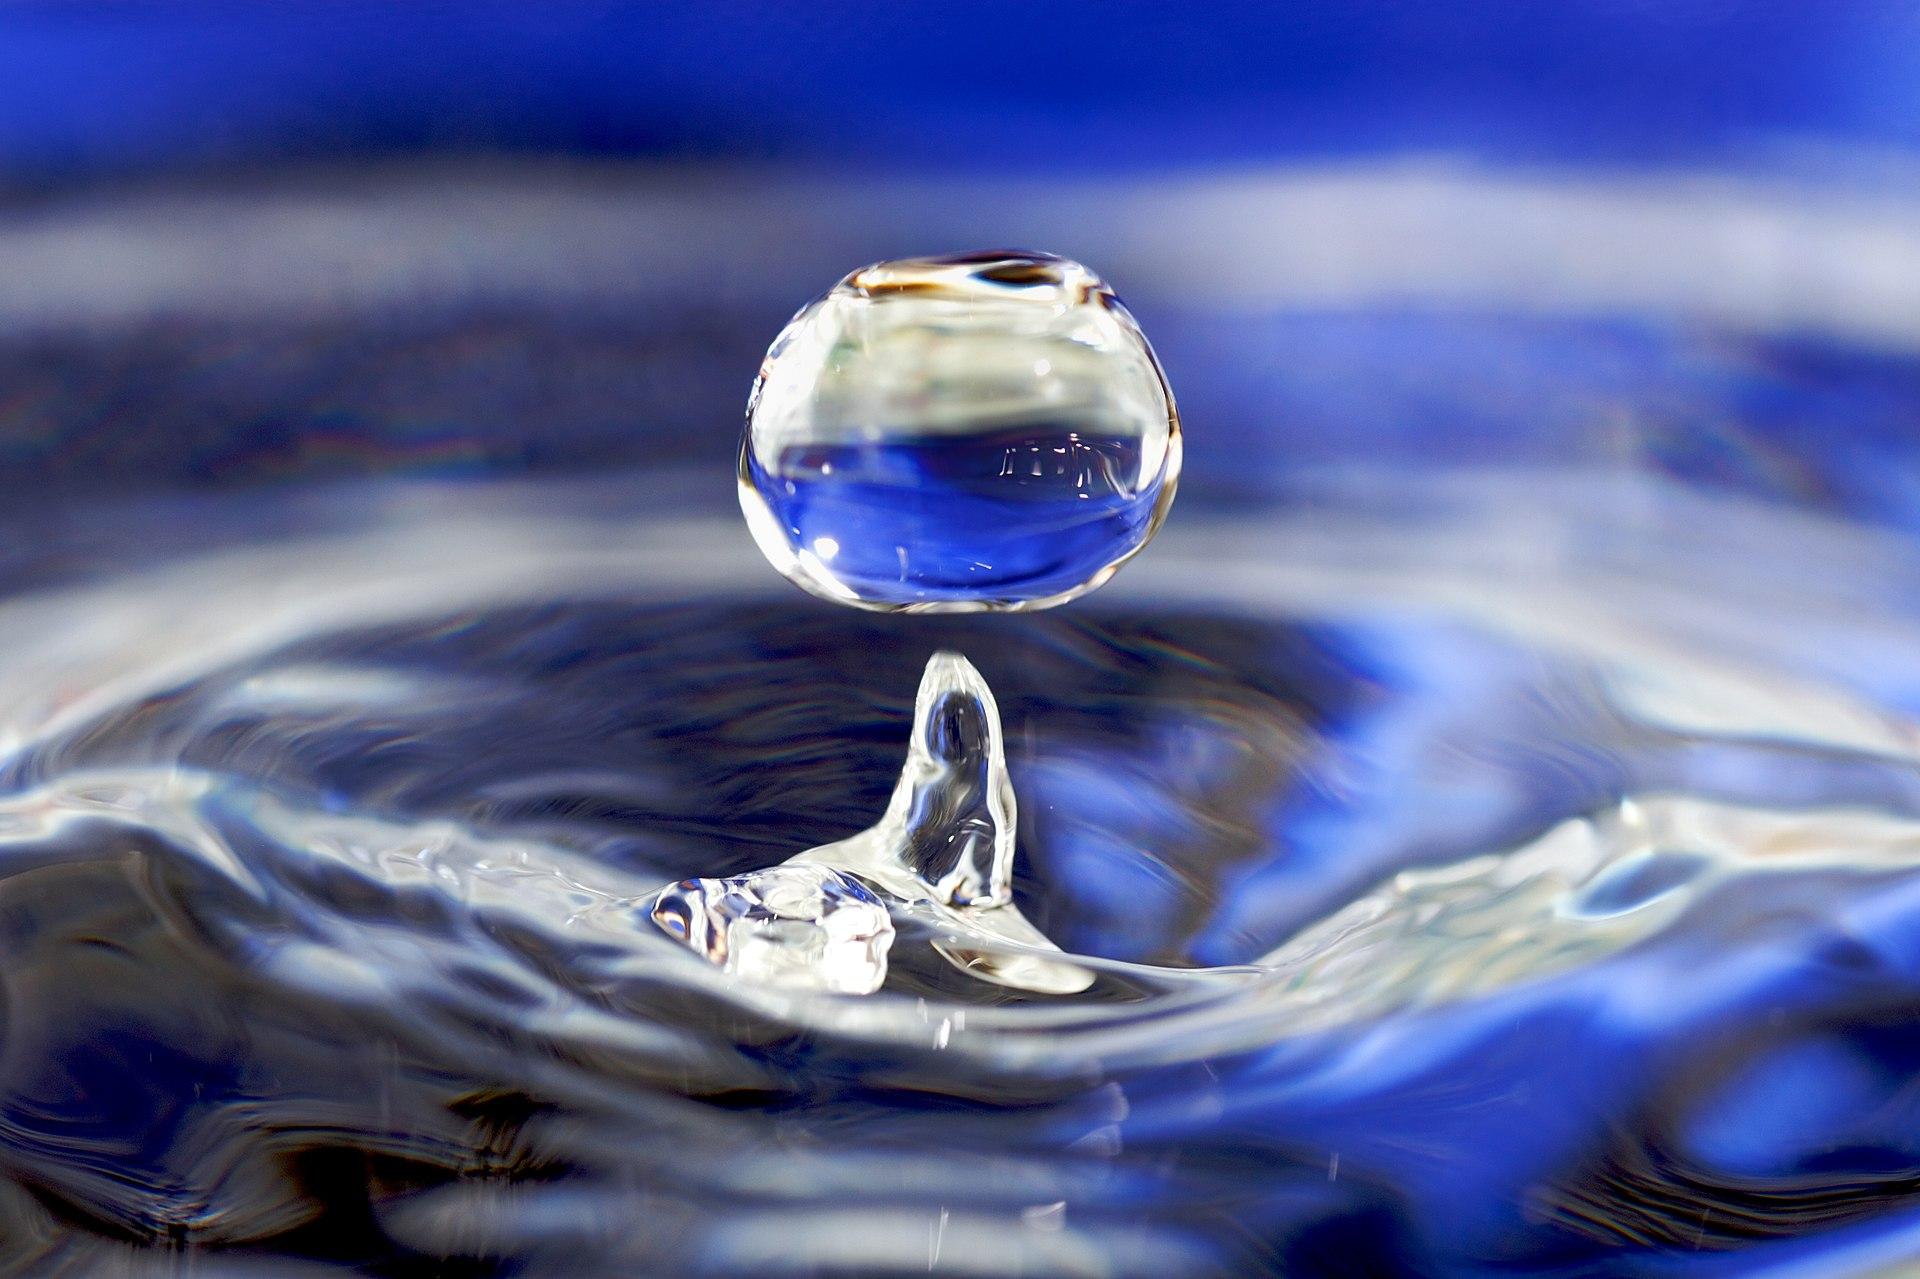 ของเหลวที่เรารู้จักกันมากที่สุด และใกล้ตัวเรา ก็คือ น้ำ